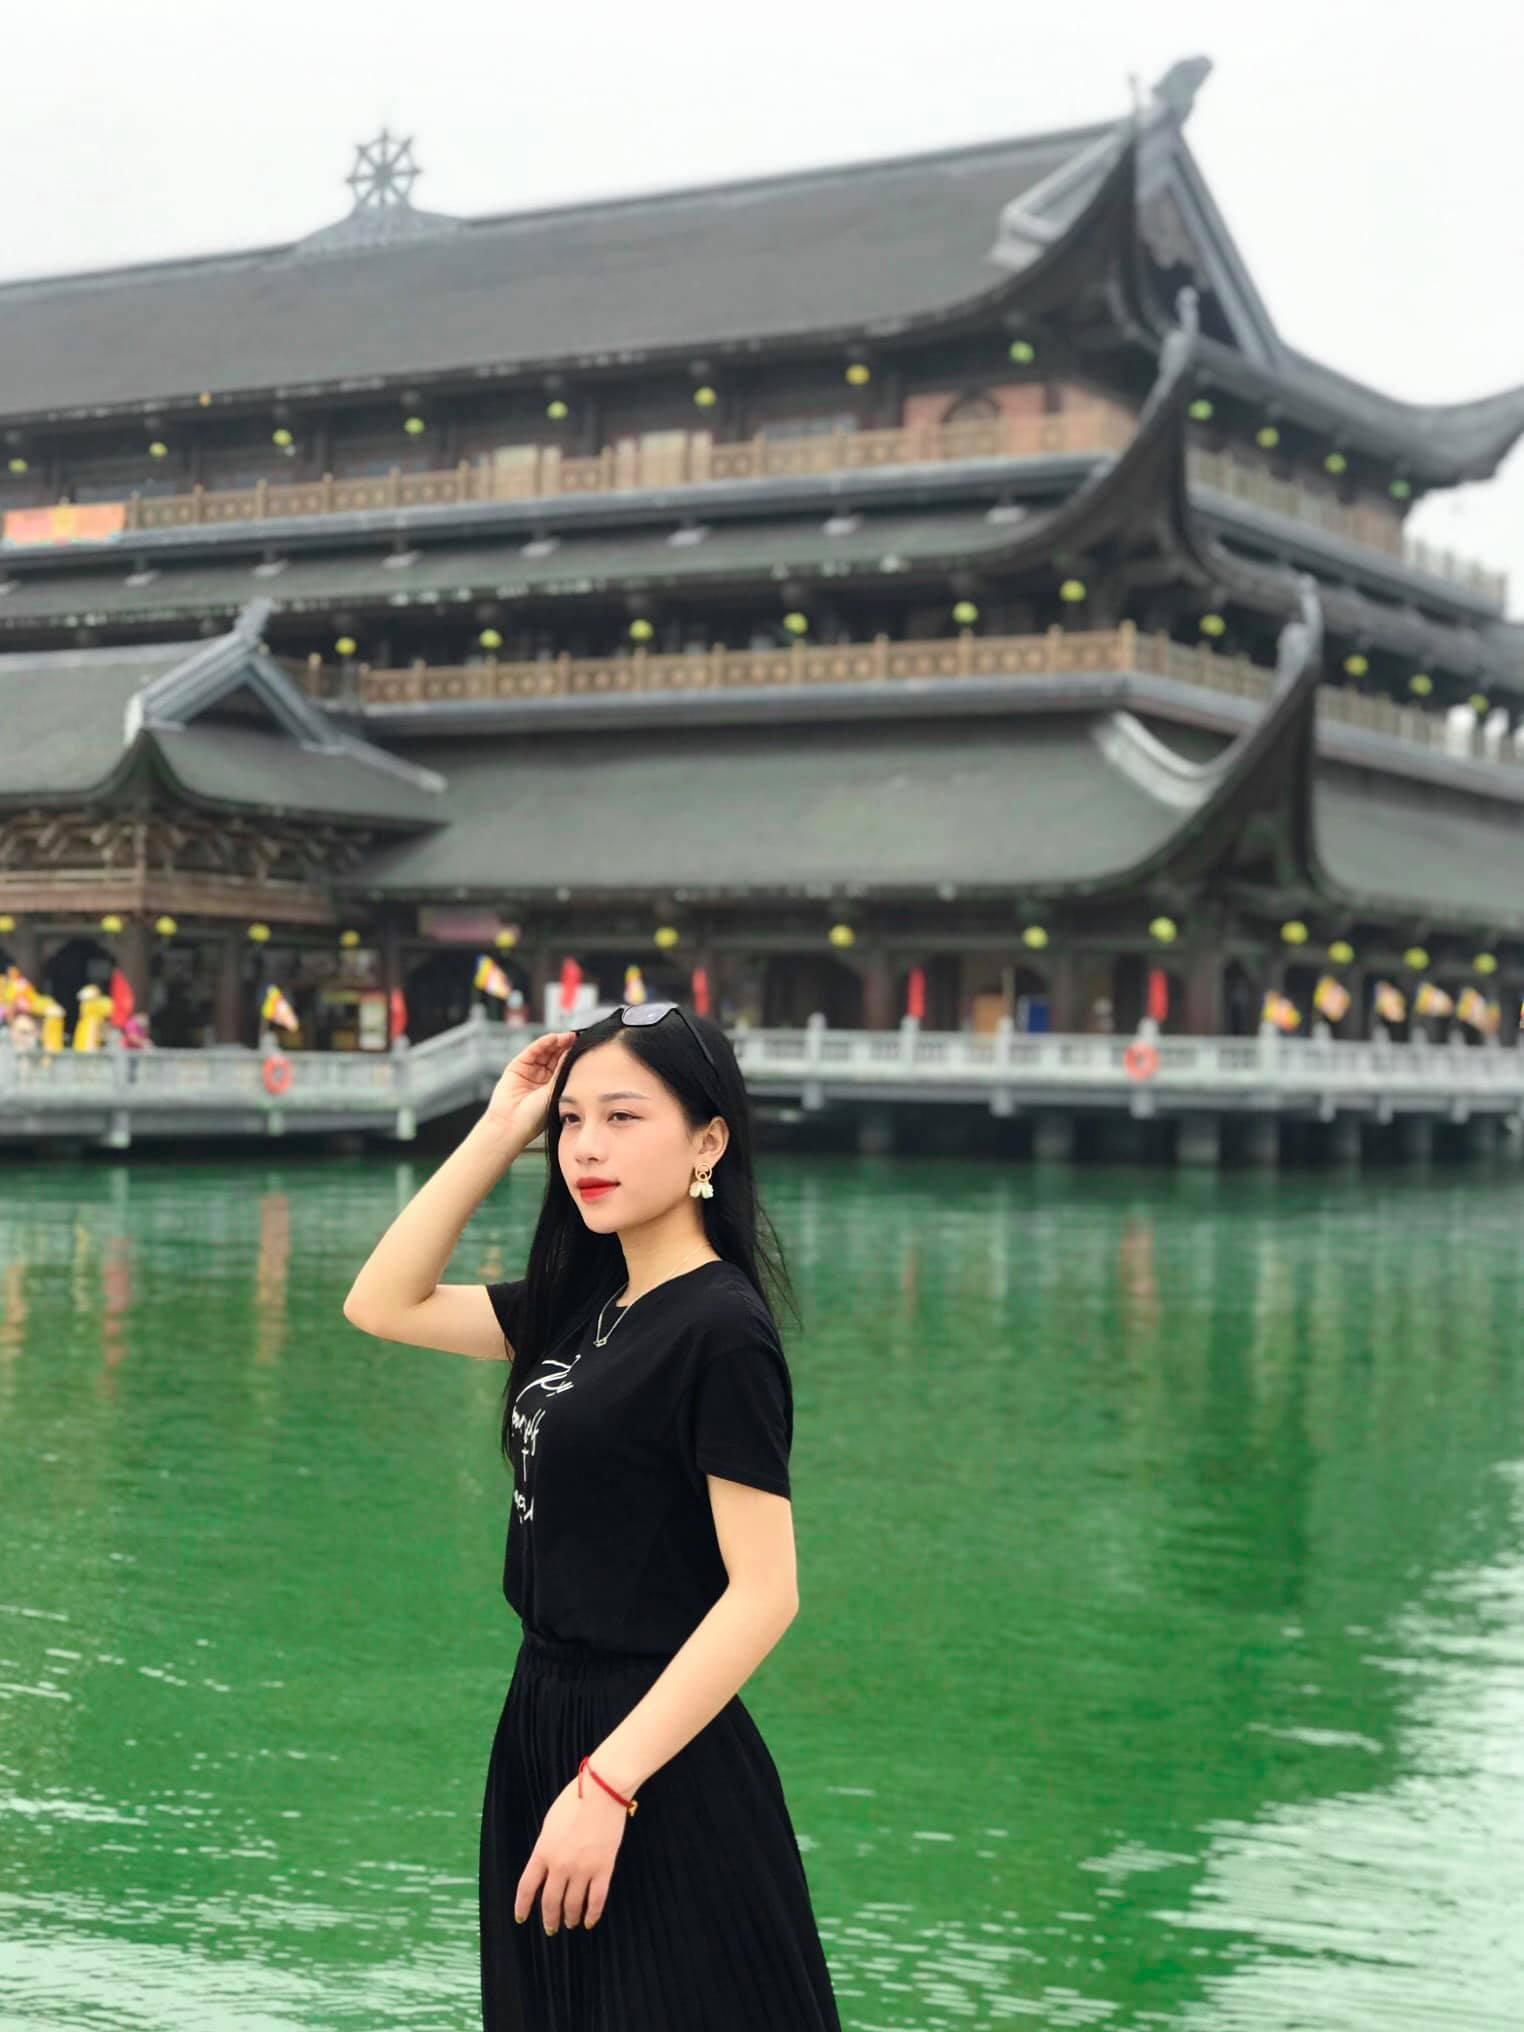 Trải nghiệm Chùa Tam Chúc – Hà Nam – Ngôi chùa lớn nhất thế giới